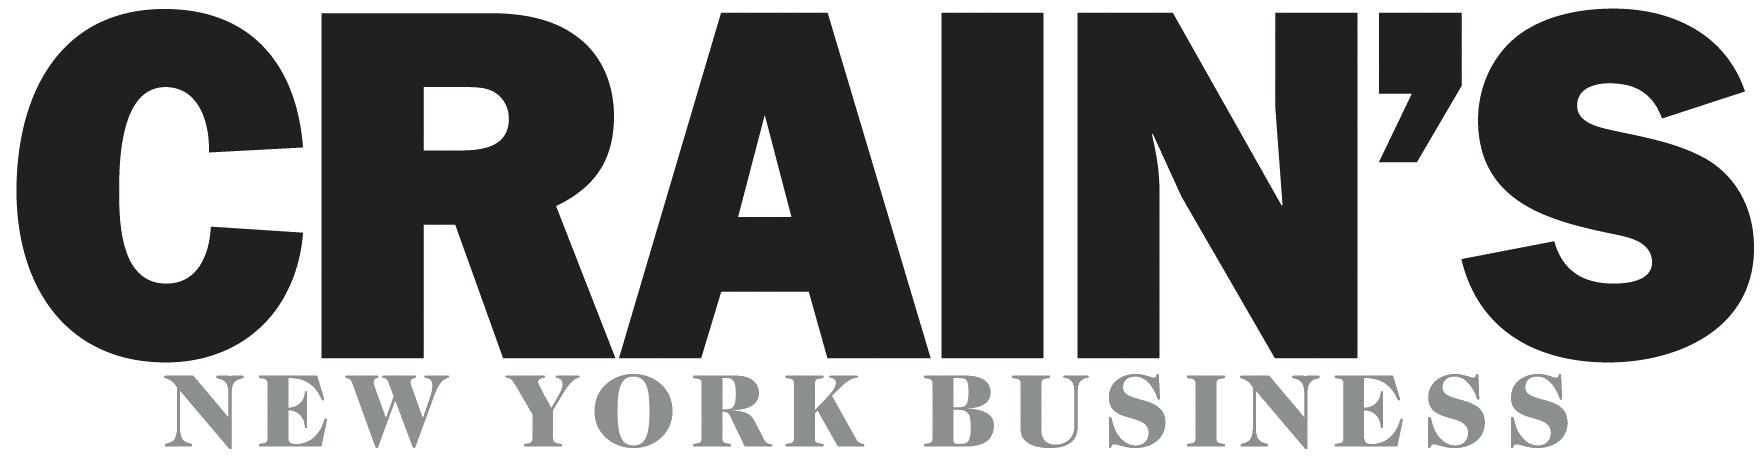 Crains-NY-logo.png